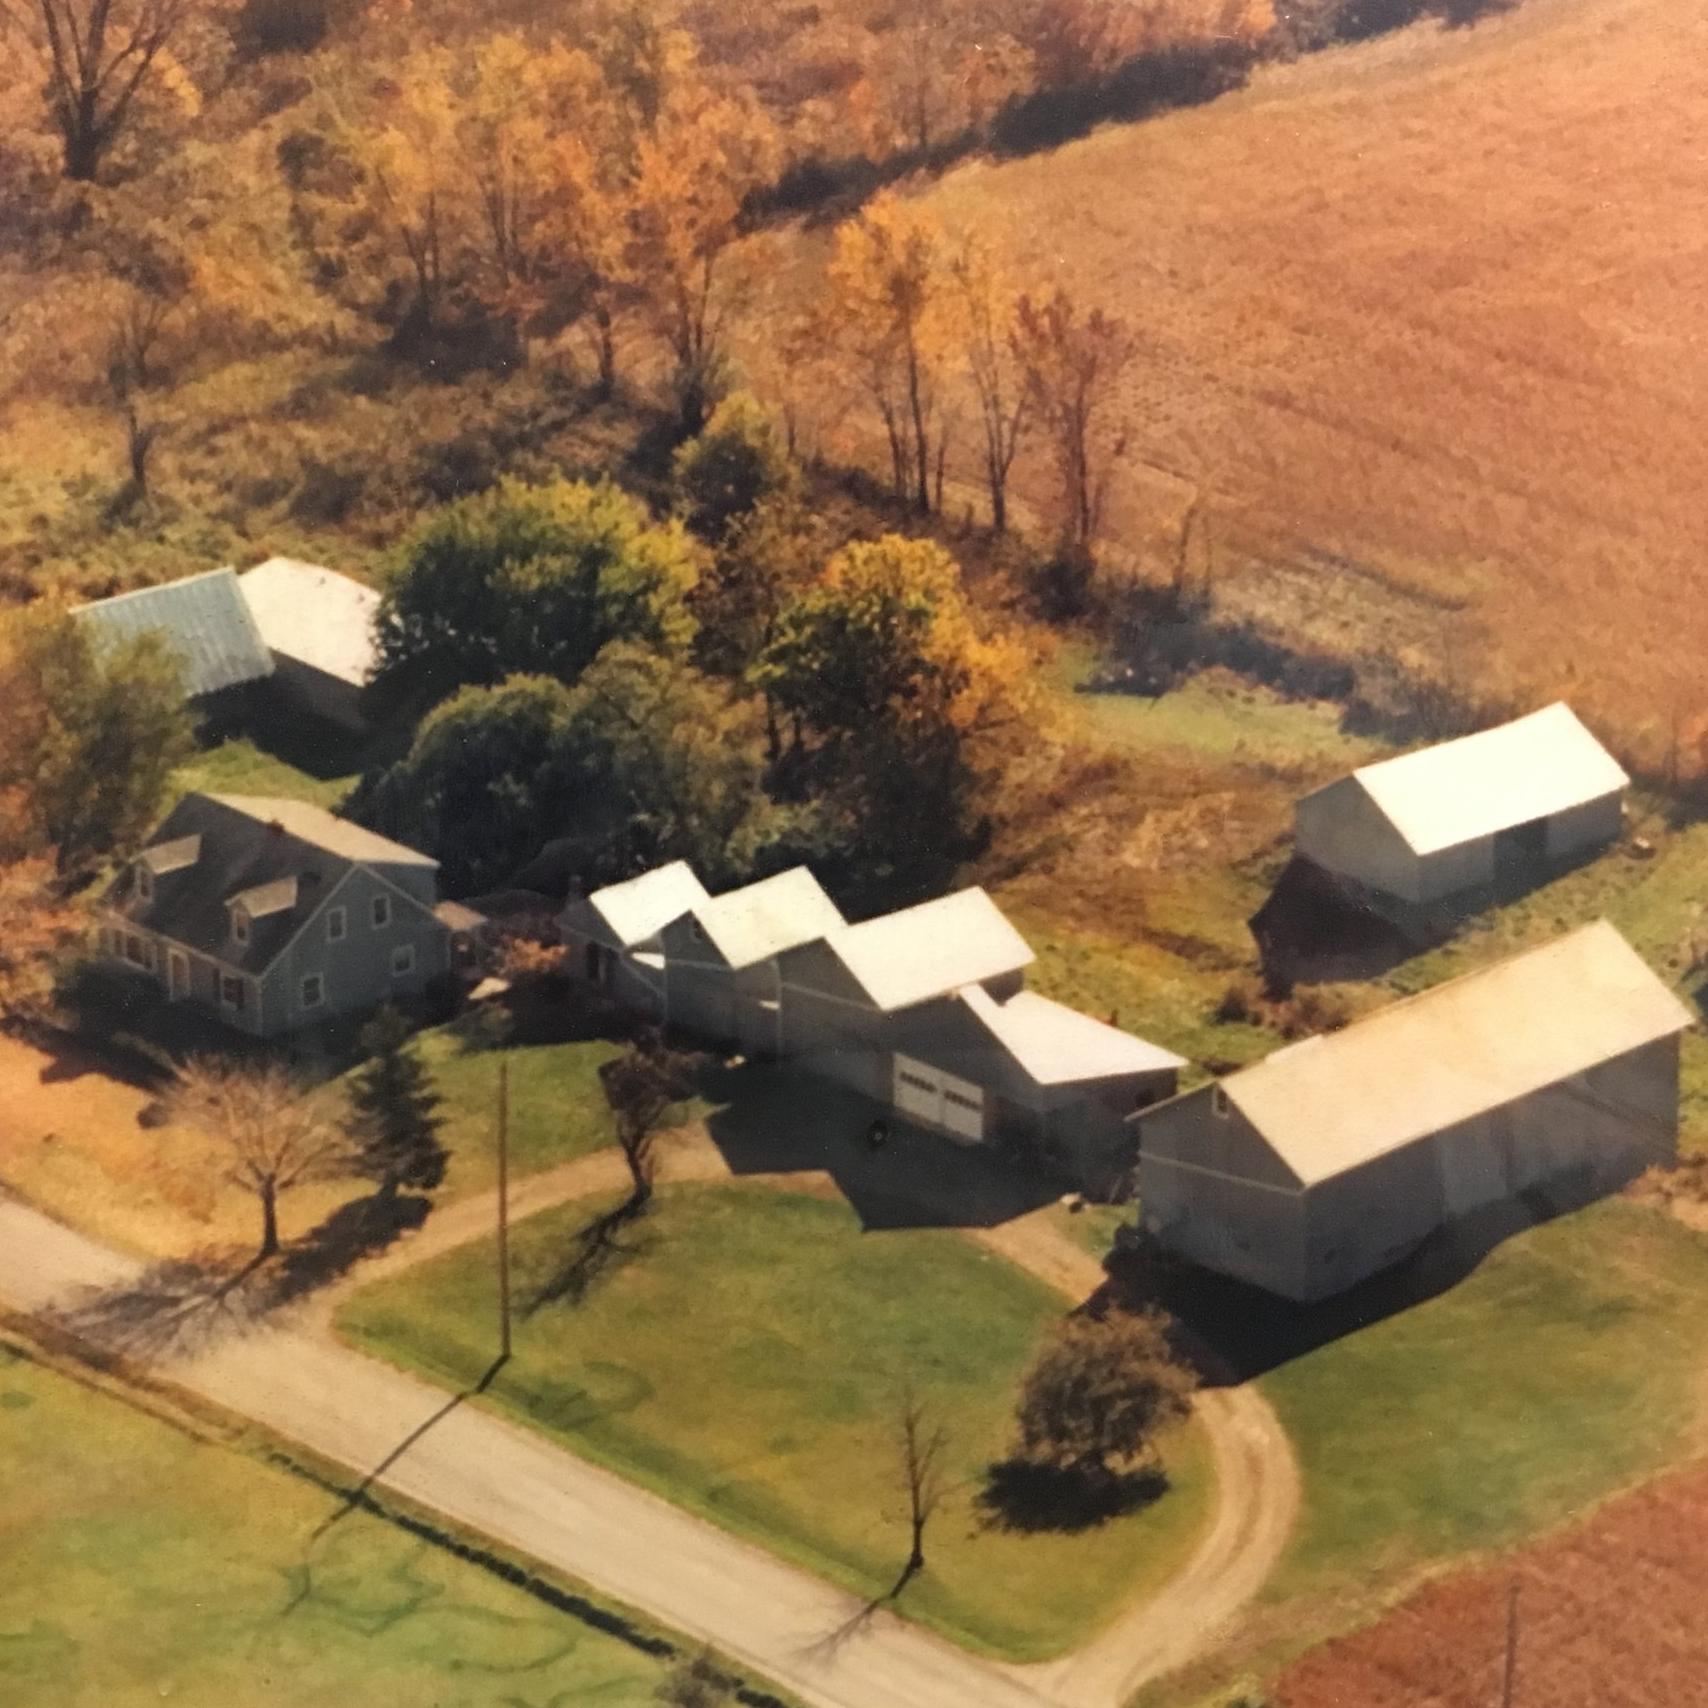 Davis Tree Farm and Nursery - circa 1980